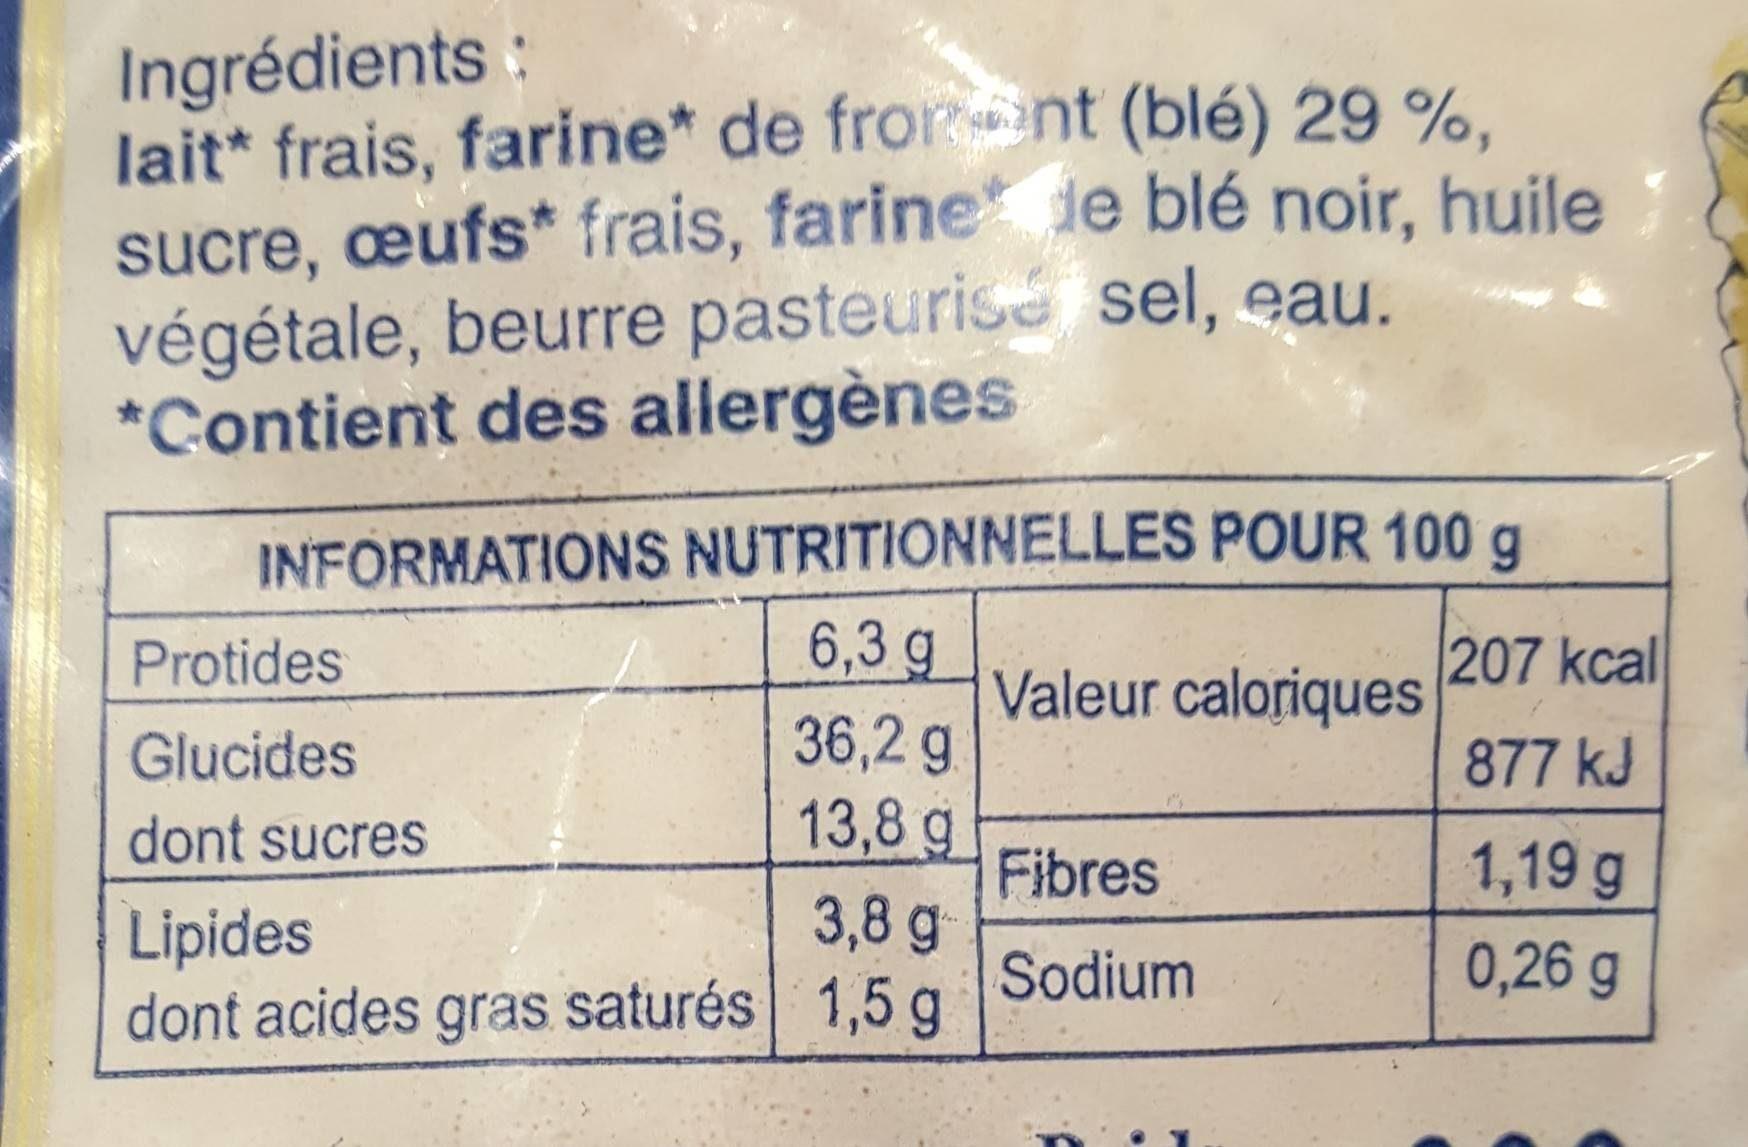 La crepe gourinoise - Informations nutritionnelles - fr